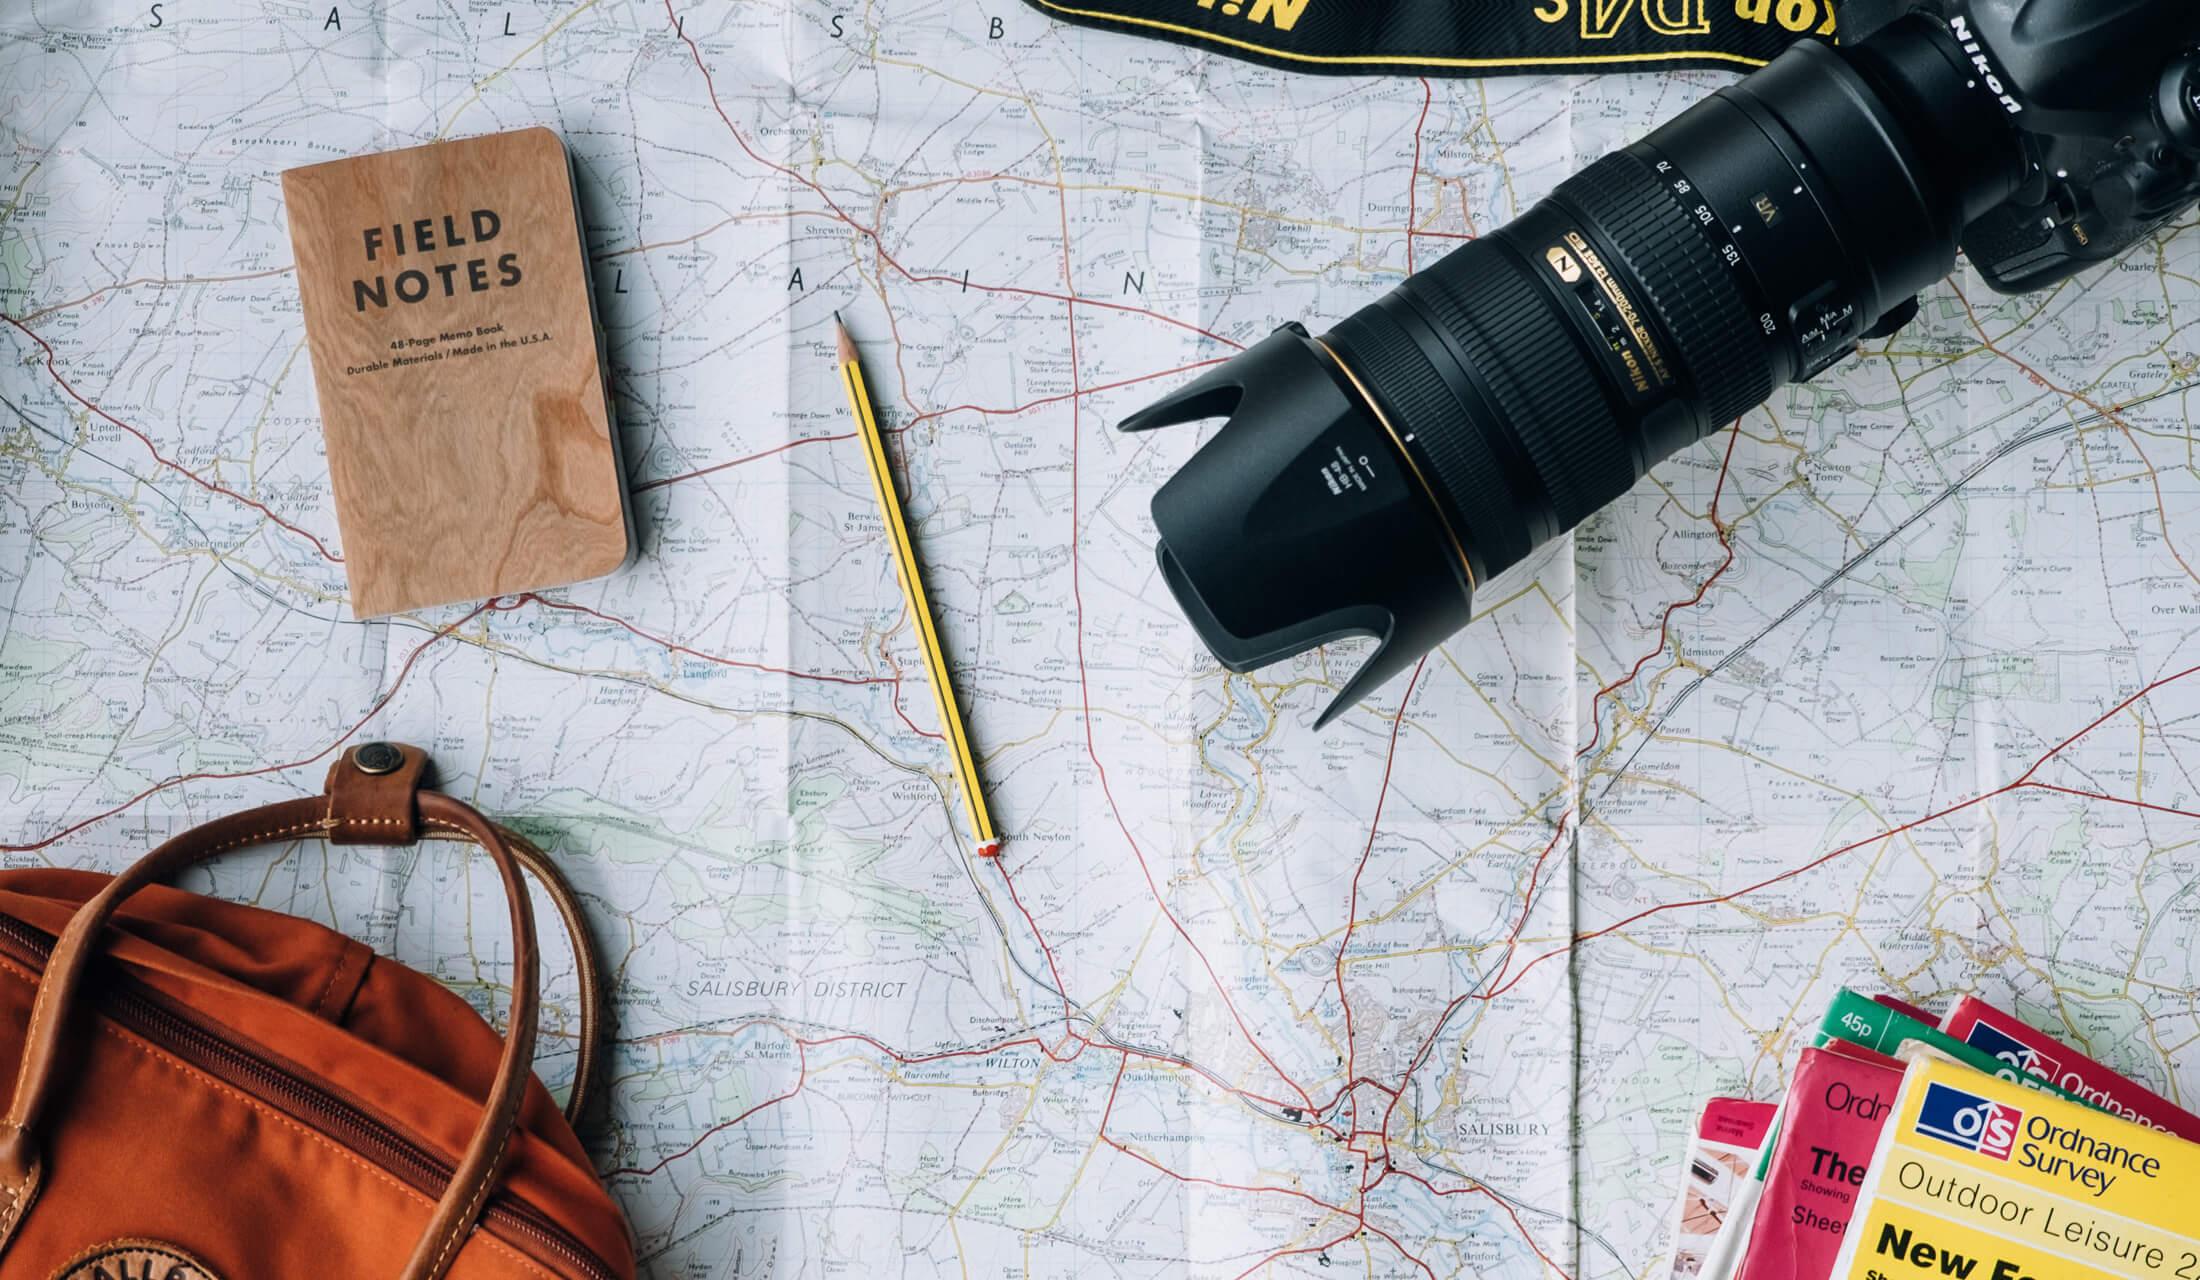 旅行地図を広げてカメラやバッグなどの携行品をチェックしている様子